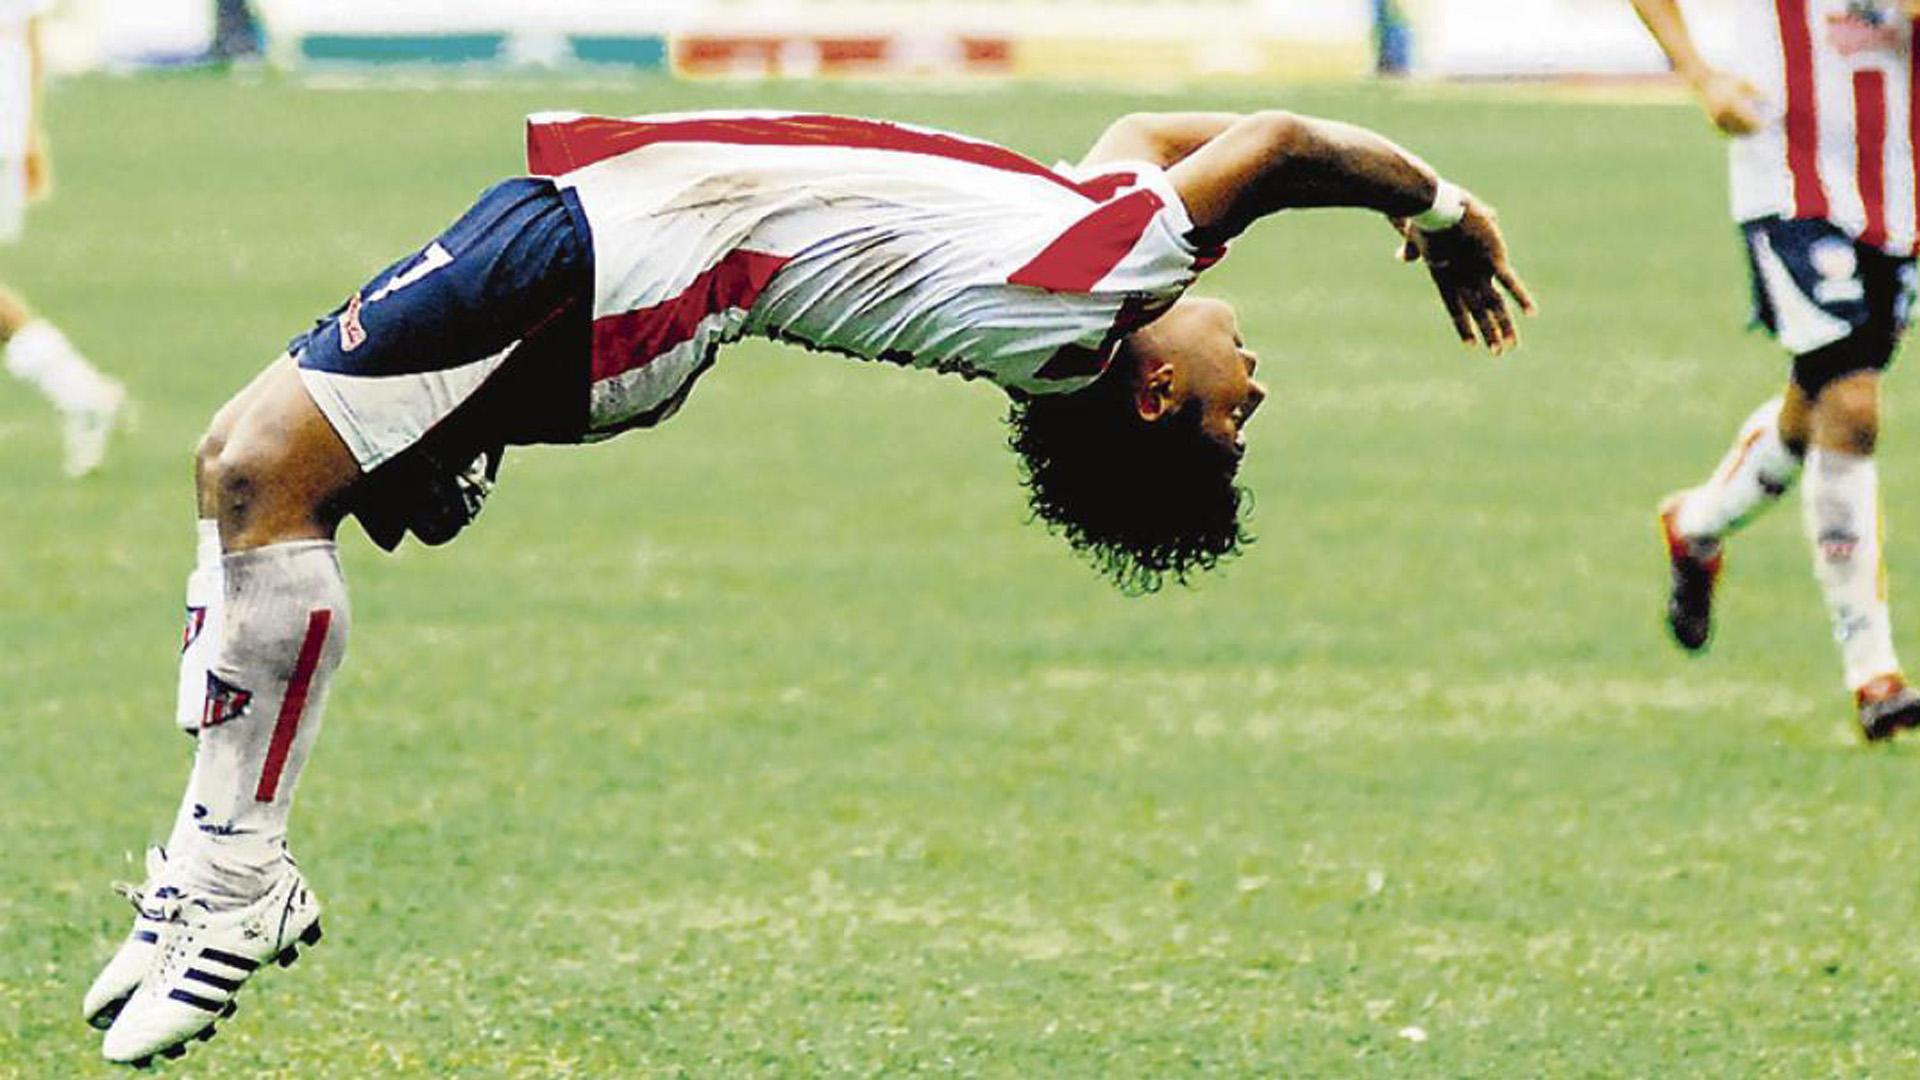 El delantero barranquillero Alfredo Padilla haciendo su clásico festejo de gol en su etapa como jugador del Junior.